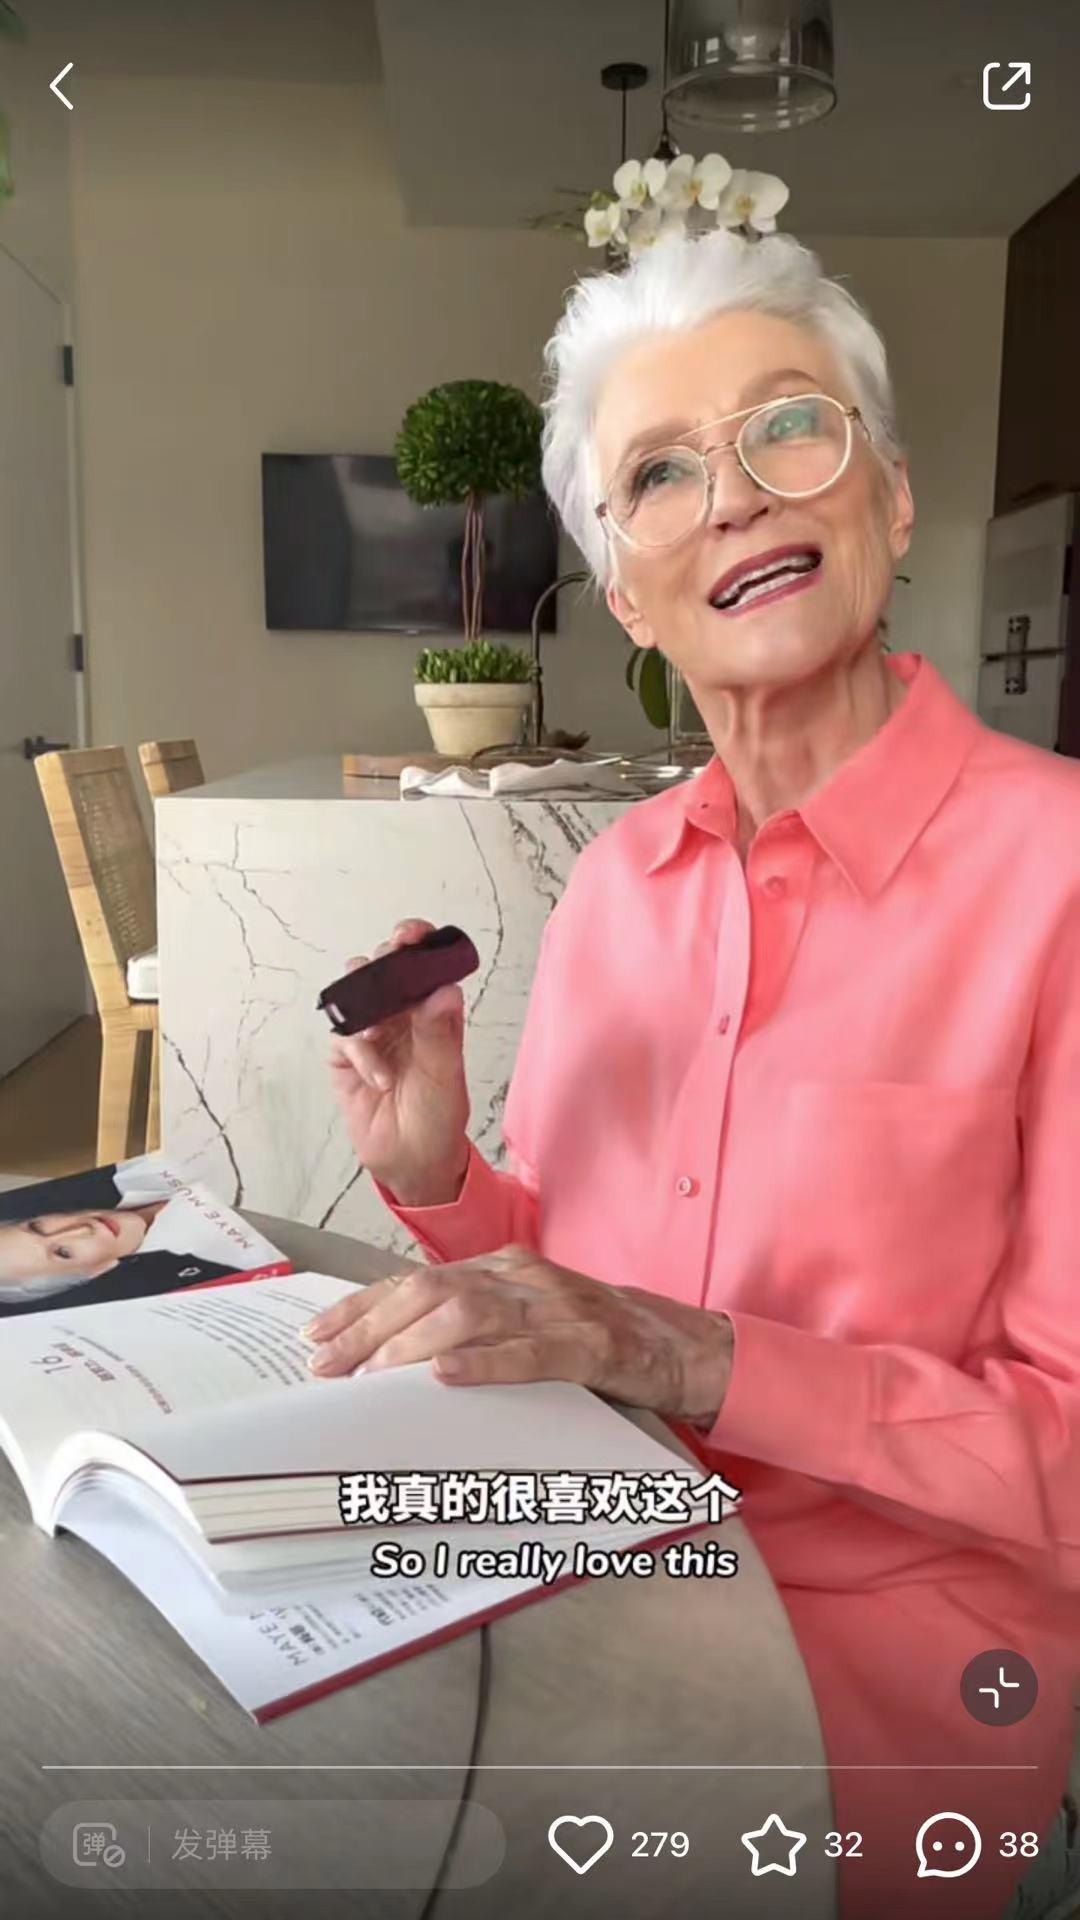 带货学中文黑科技 马斯克妈妈正式开启网红带货之路?